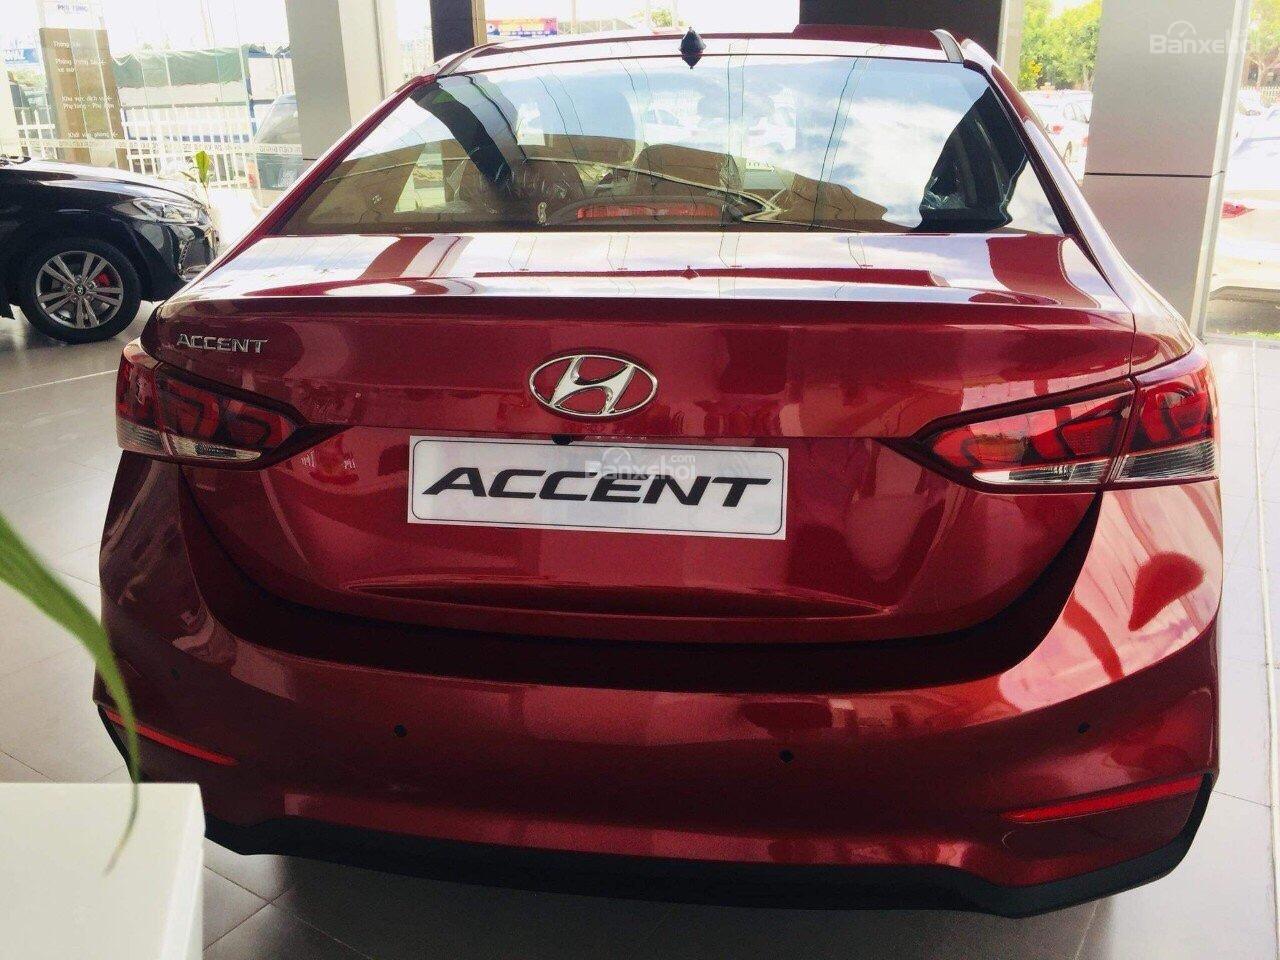 Bán Hyundai Accent 2018 giá cạnh tranh, hỗ trợ góp ngân hàng 80-90%, lãi suất thấp-2